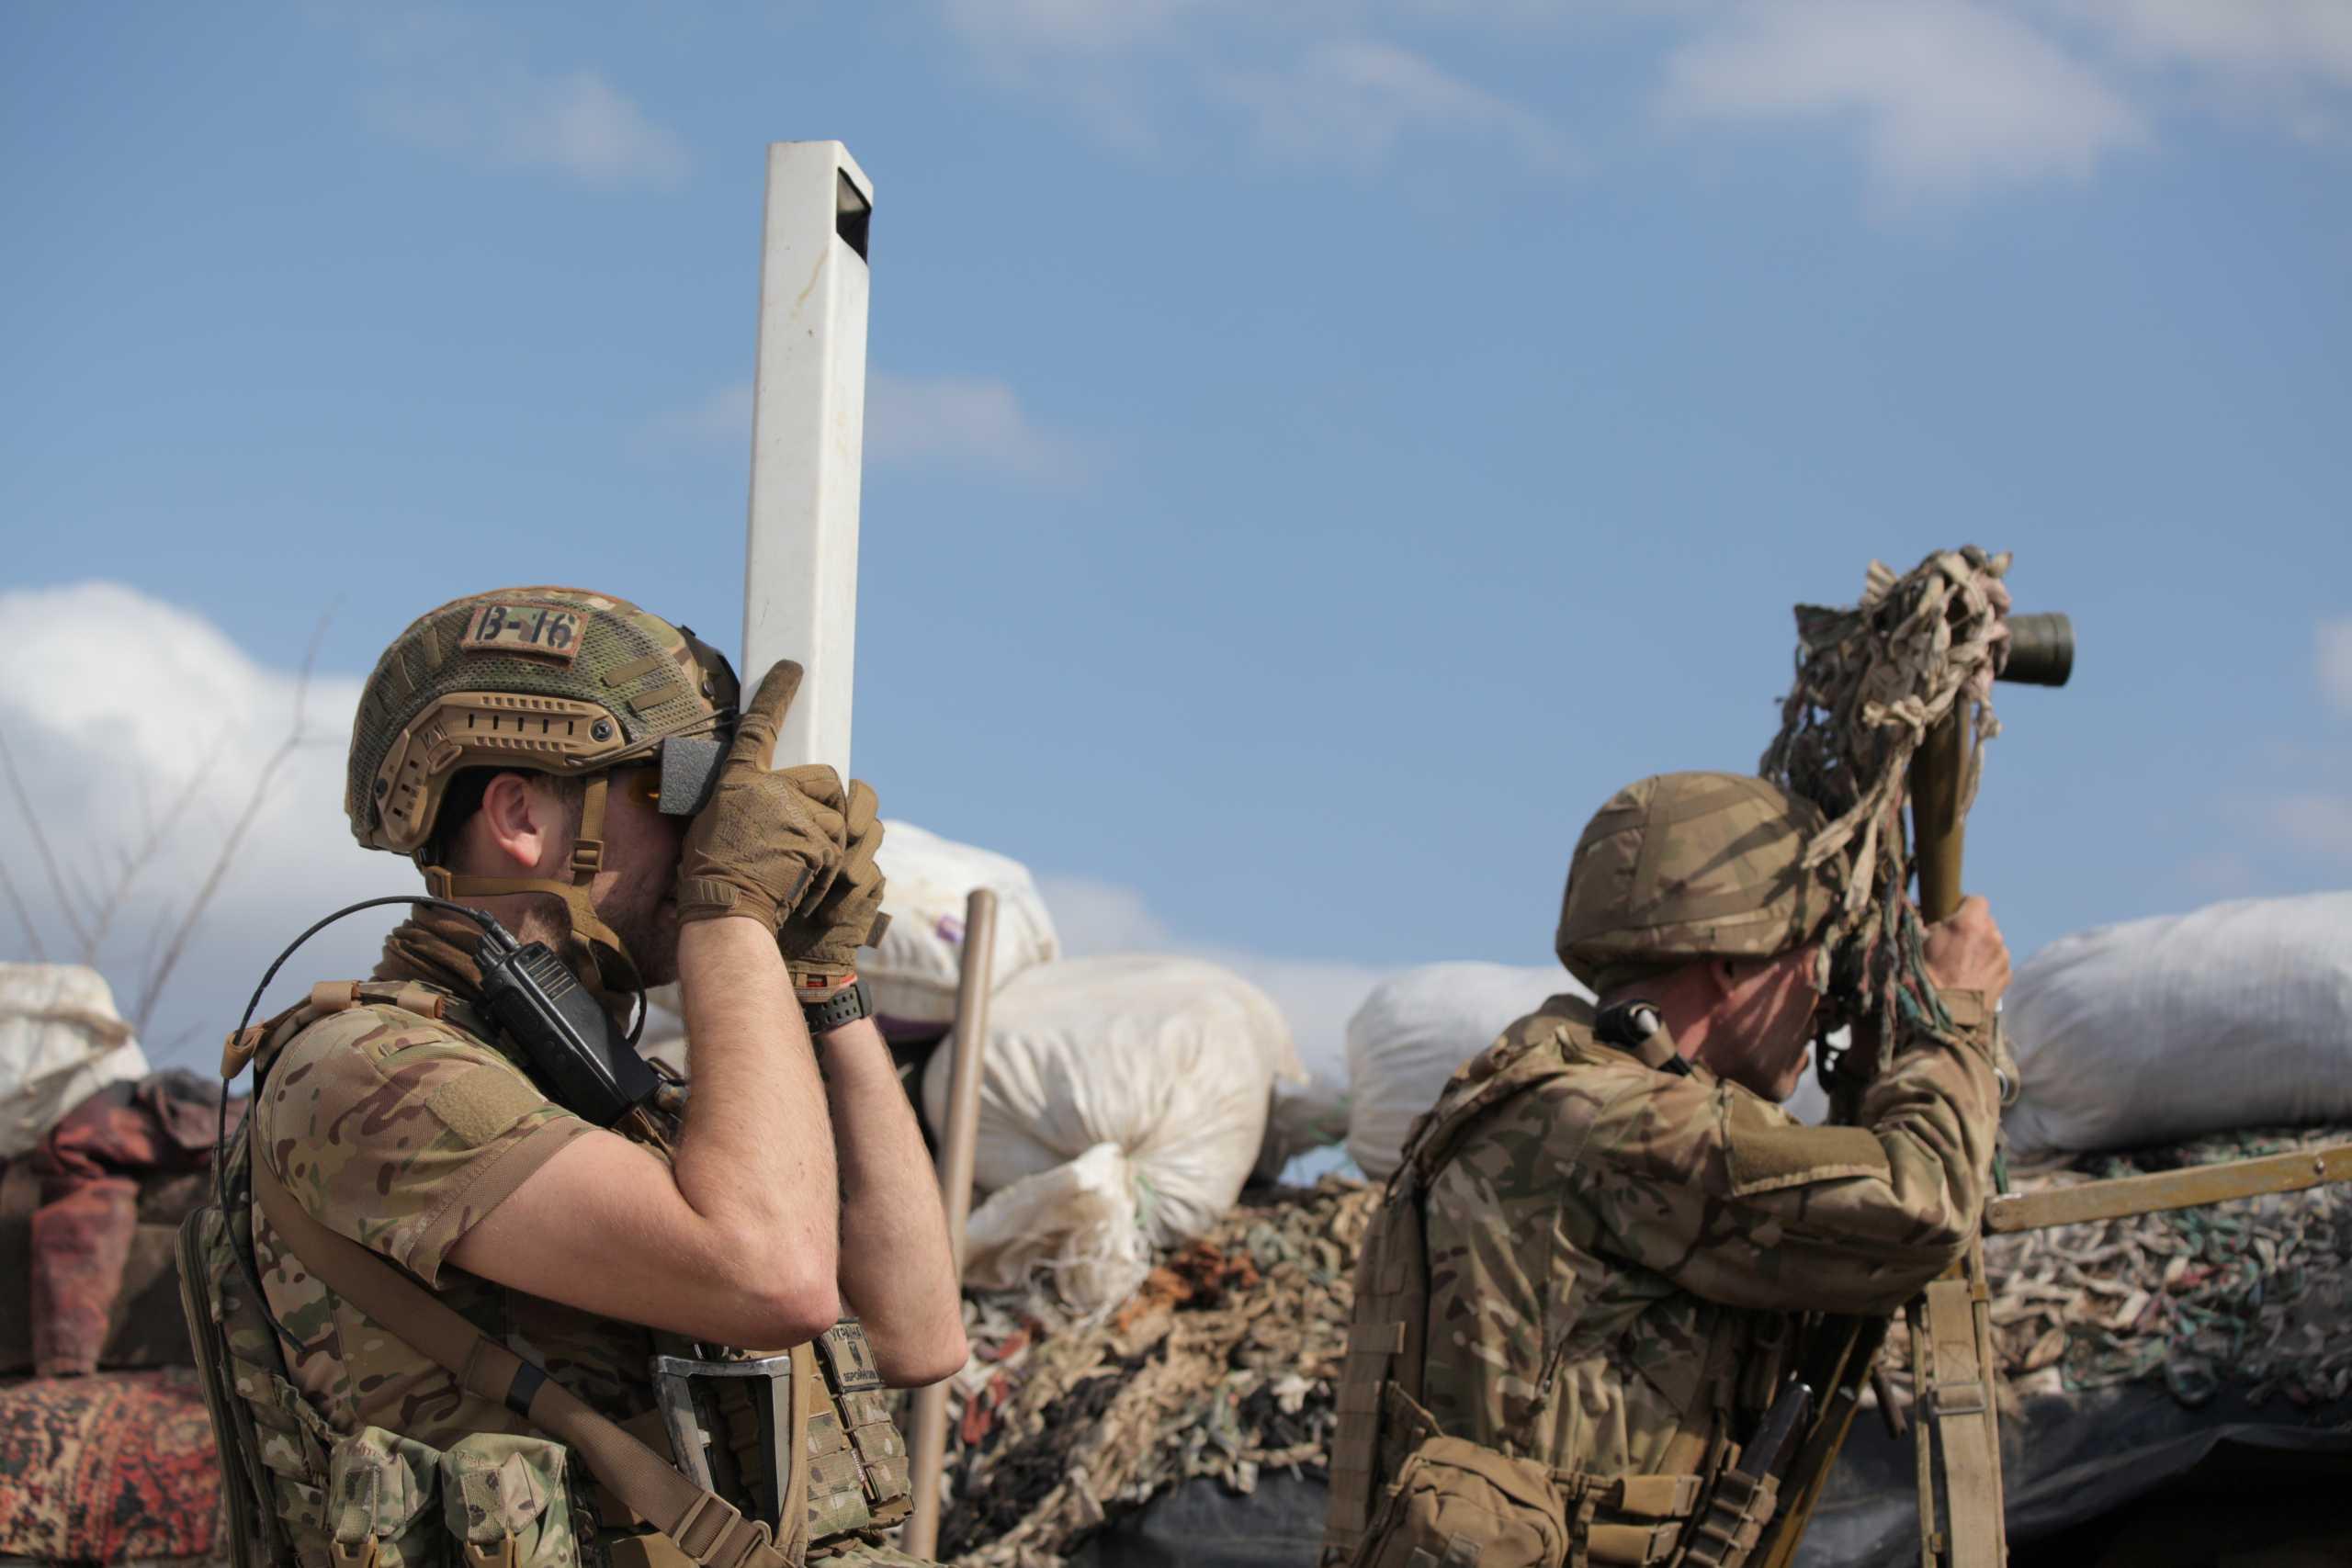 Δεν υποχωρεί η Ρωσία: Ο στρατός θα μείνει στα σύνορα με την Ουκρανία όσο χρειαστεί!